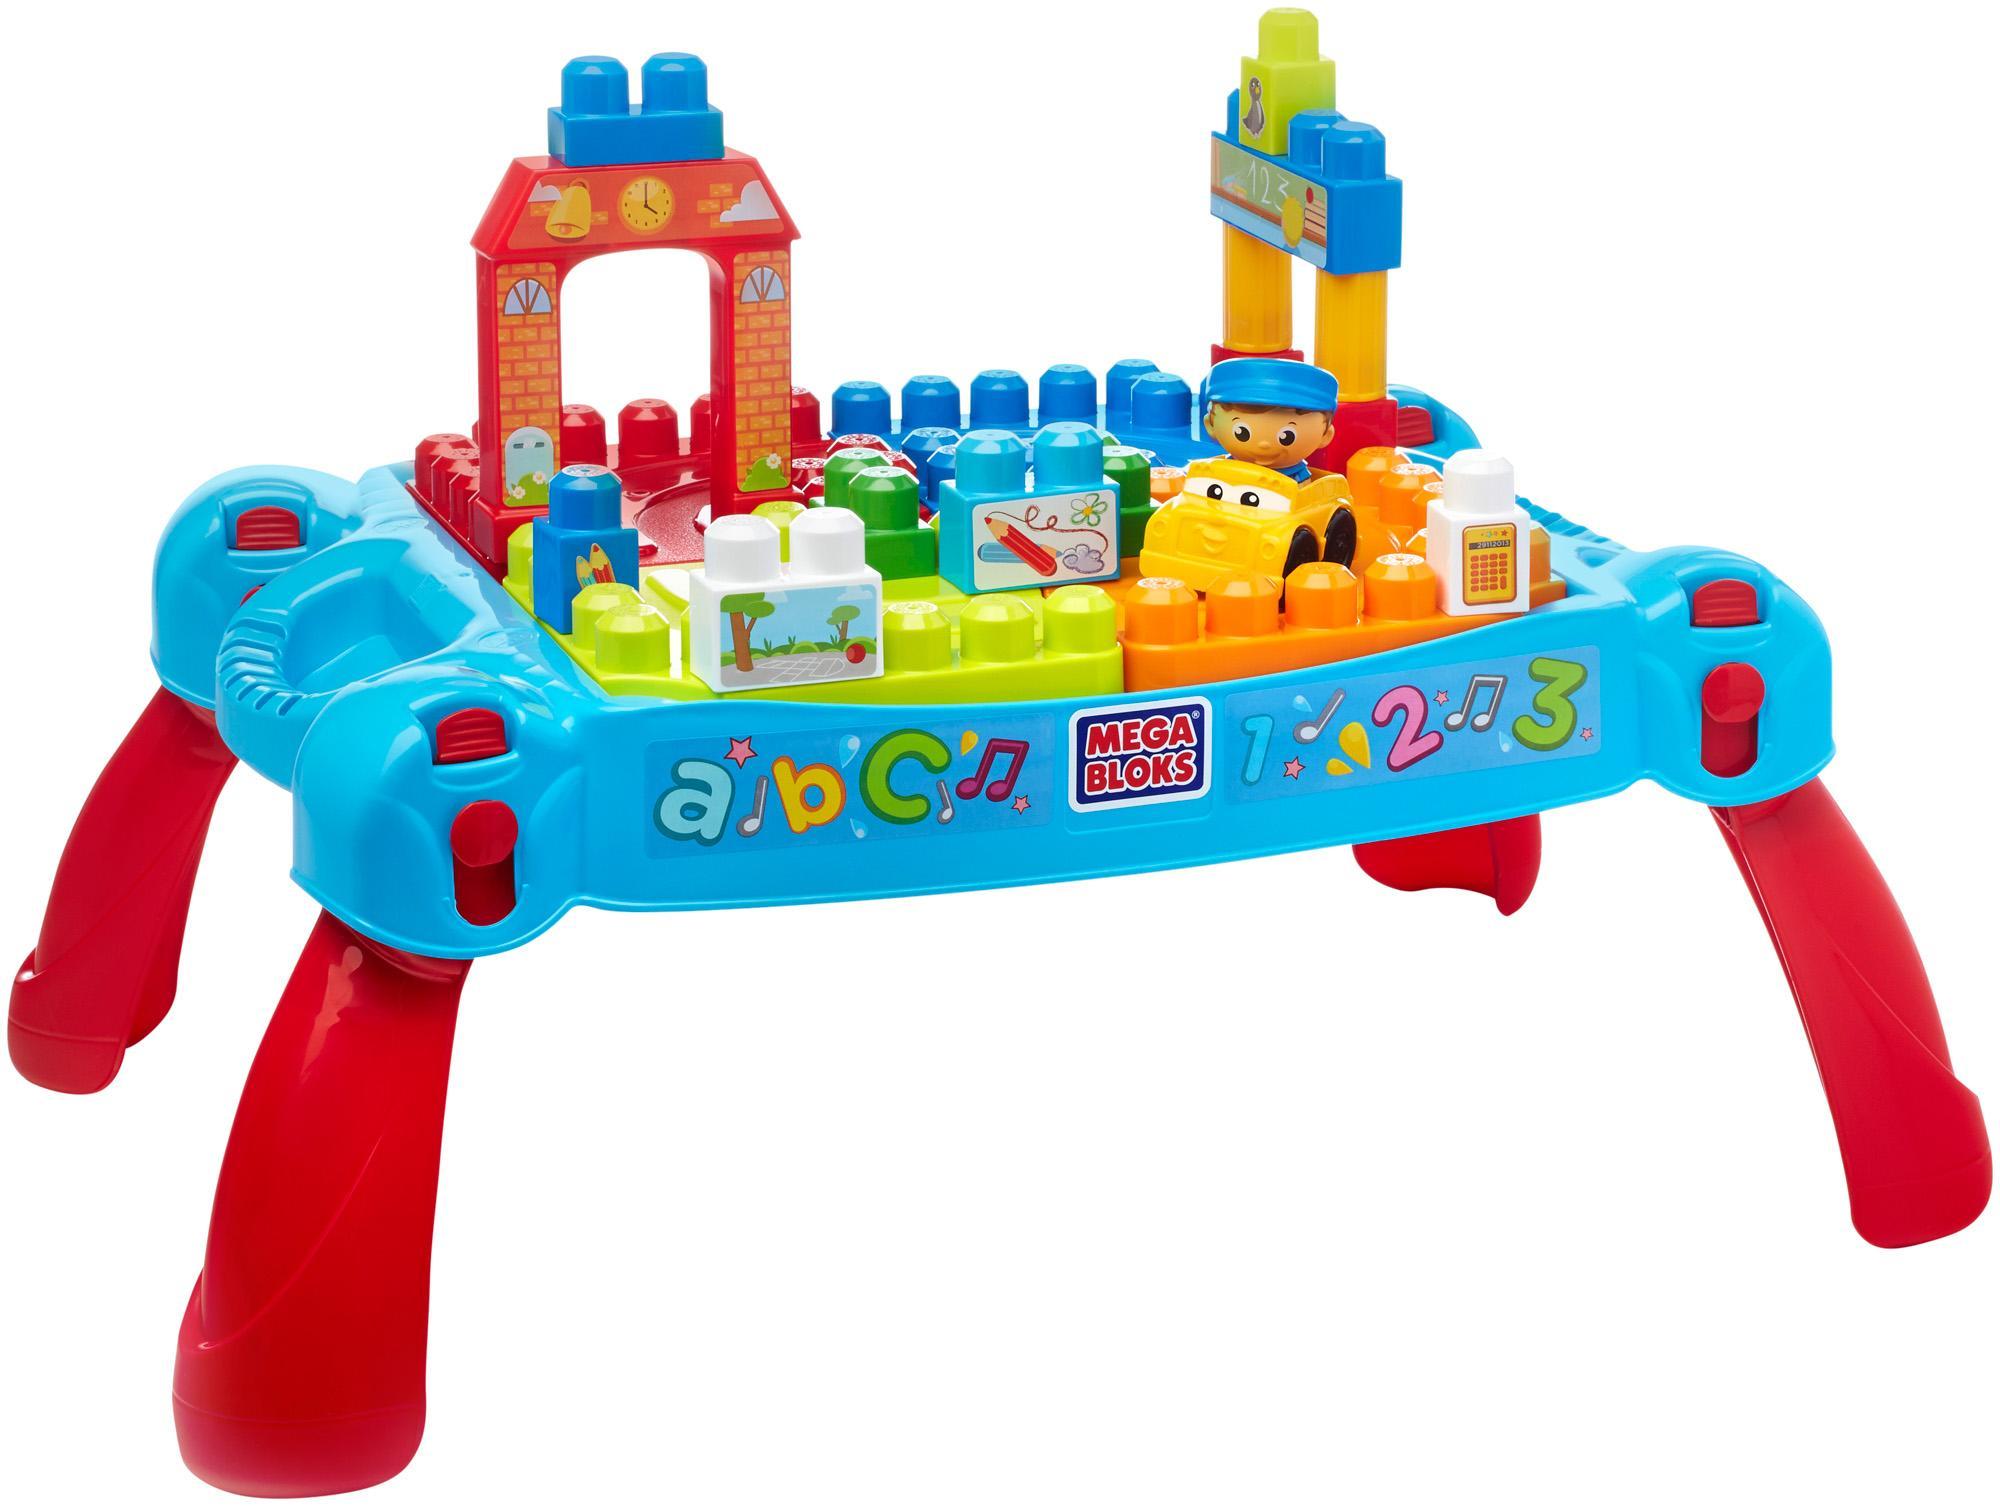 Spielzeug Mattel Mega Bloks CNM12 Bau und Spieltisch 12 bunte ...